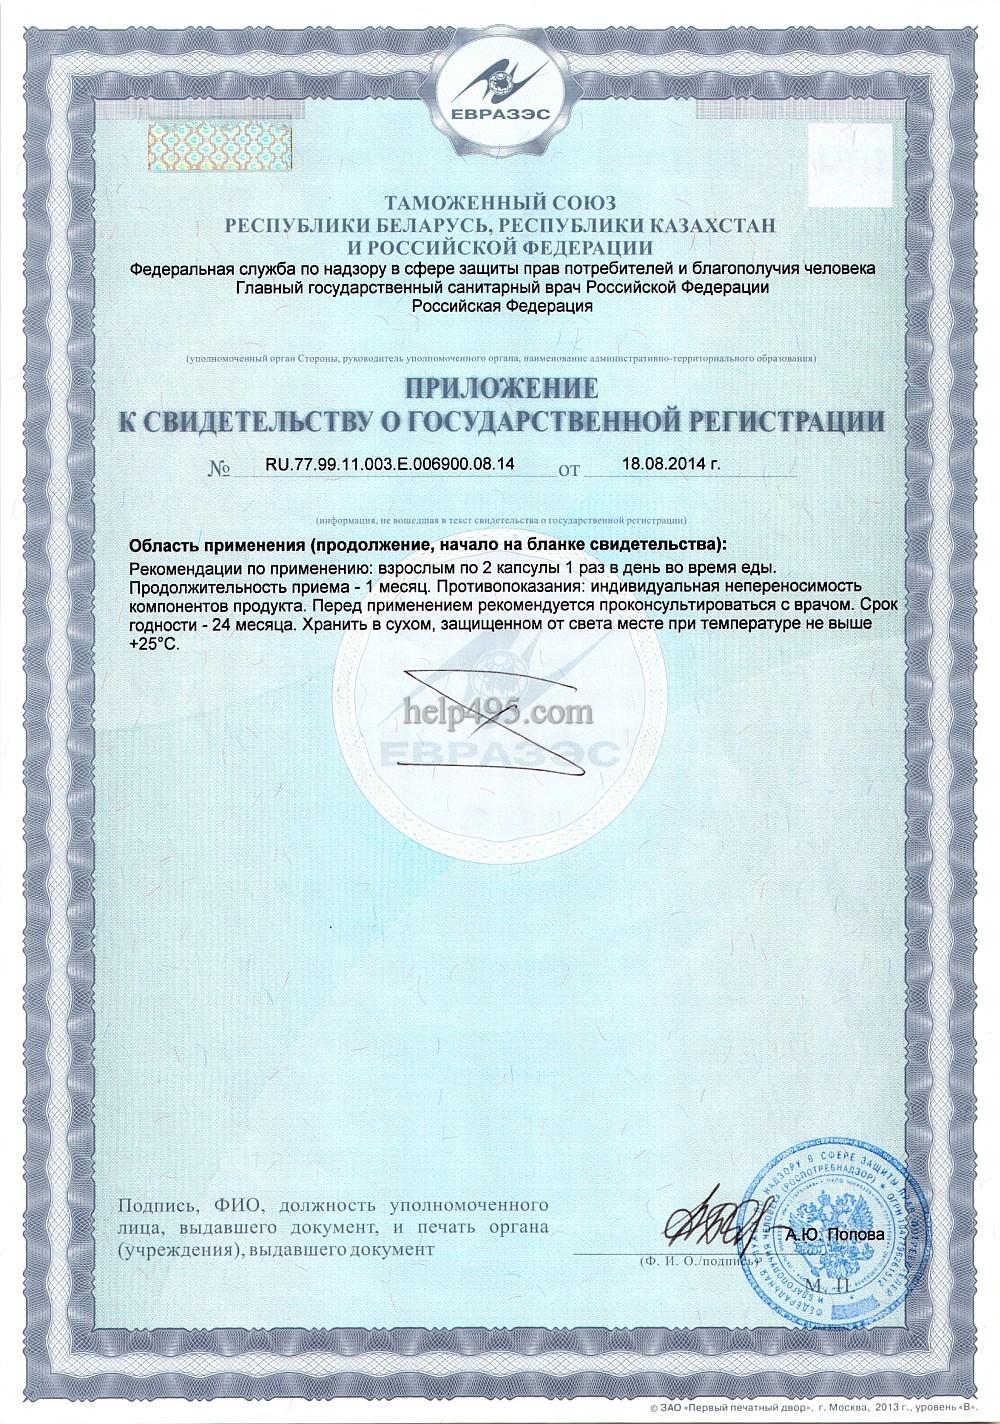 2-ая стр. сертификата препарата: Капсулы с селеном Тяньши